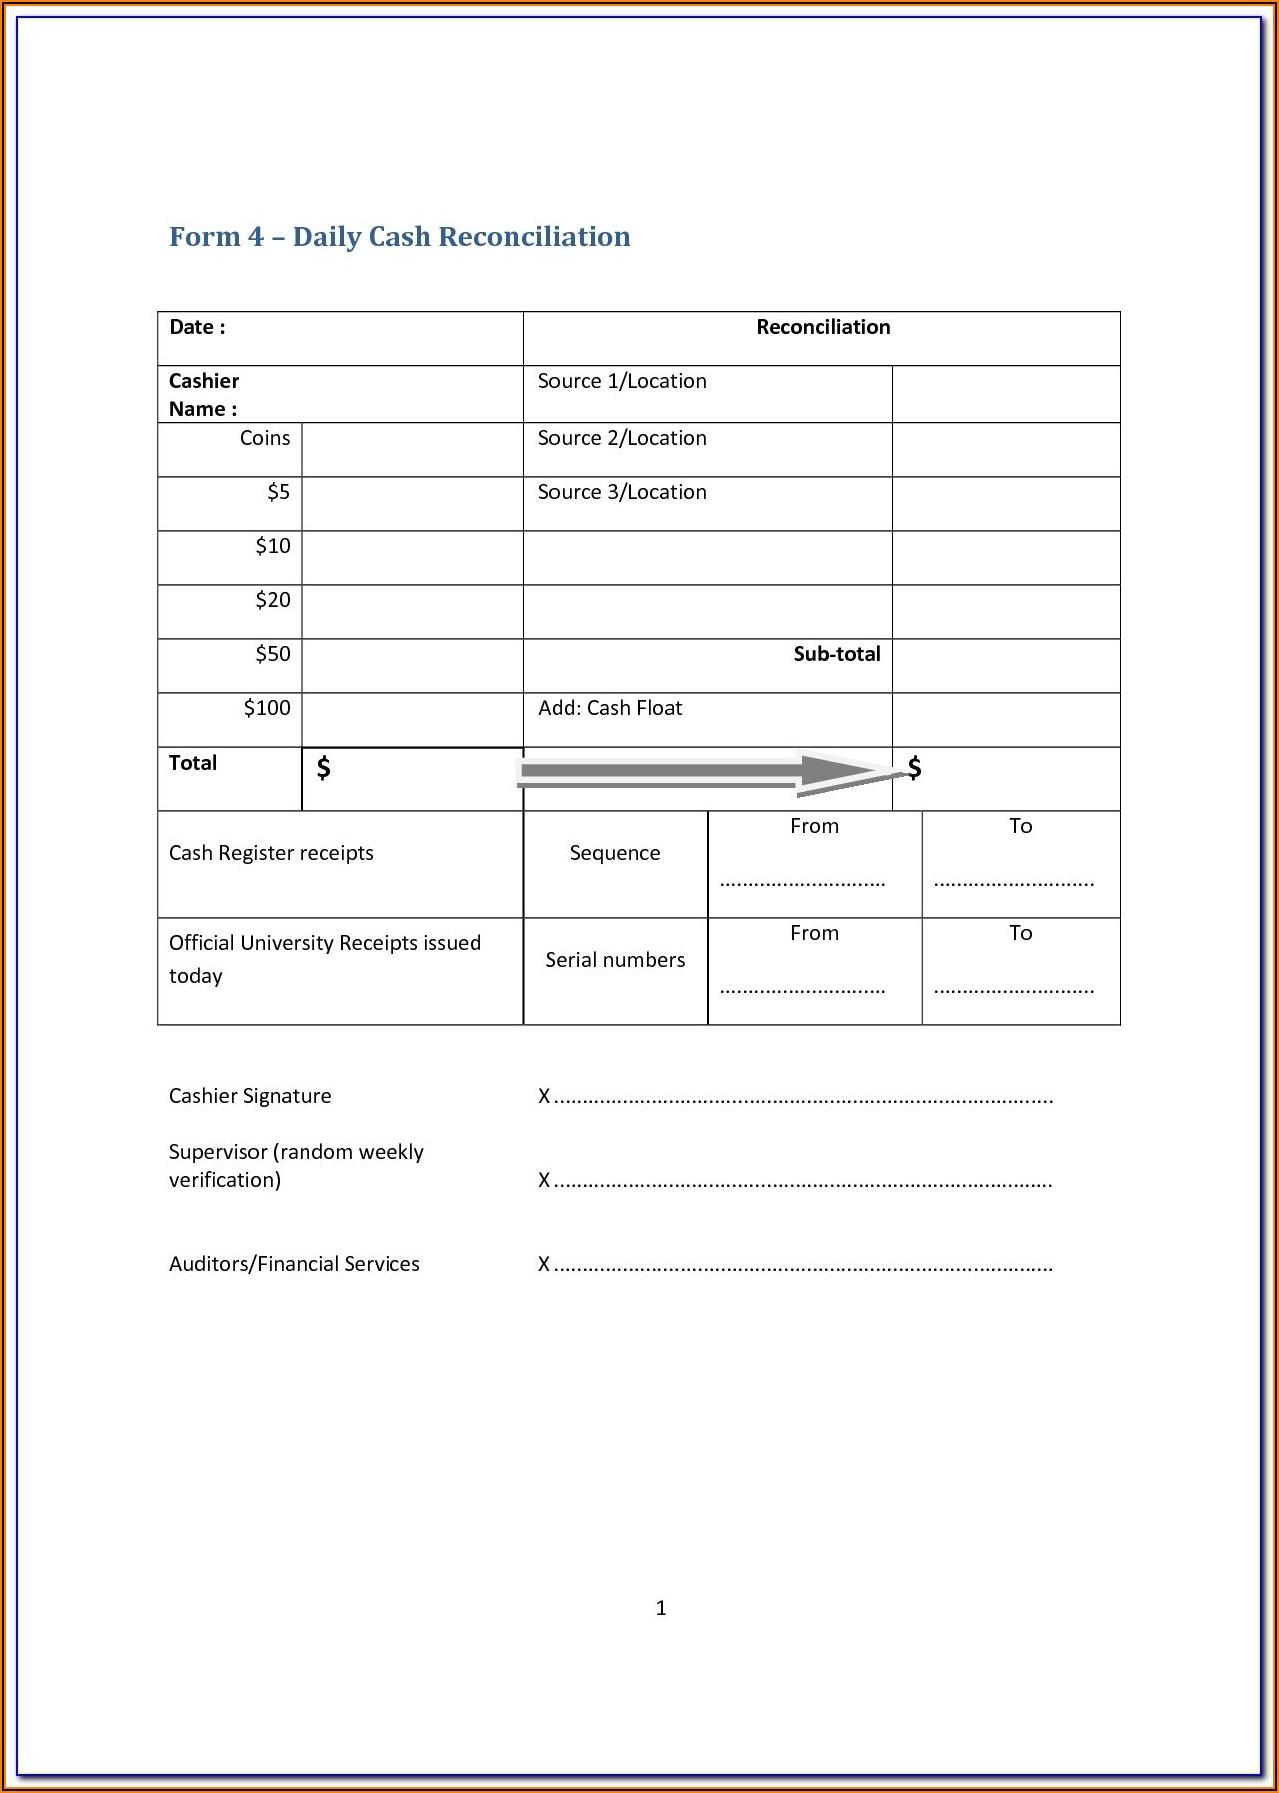 Cash Register Reconciliation Form